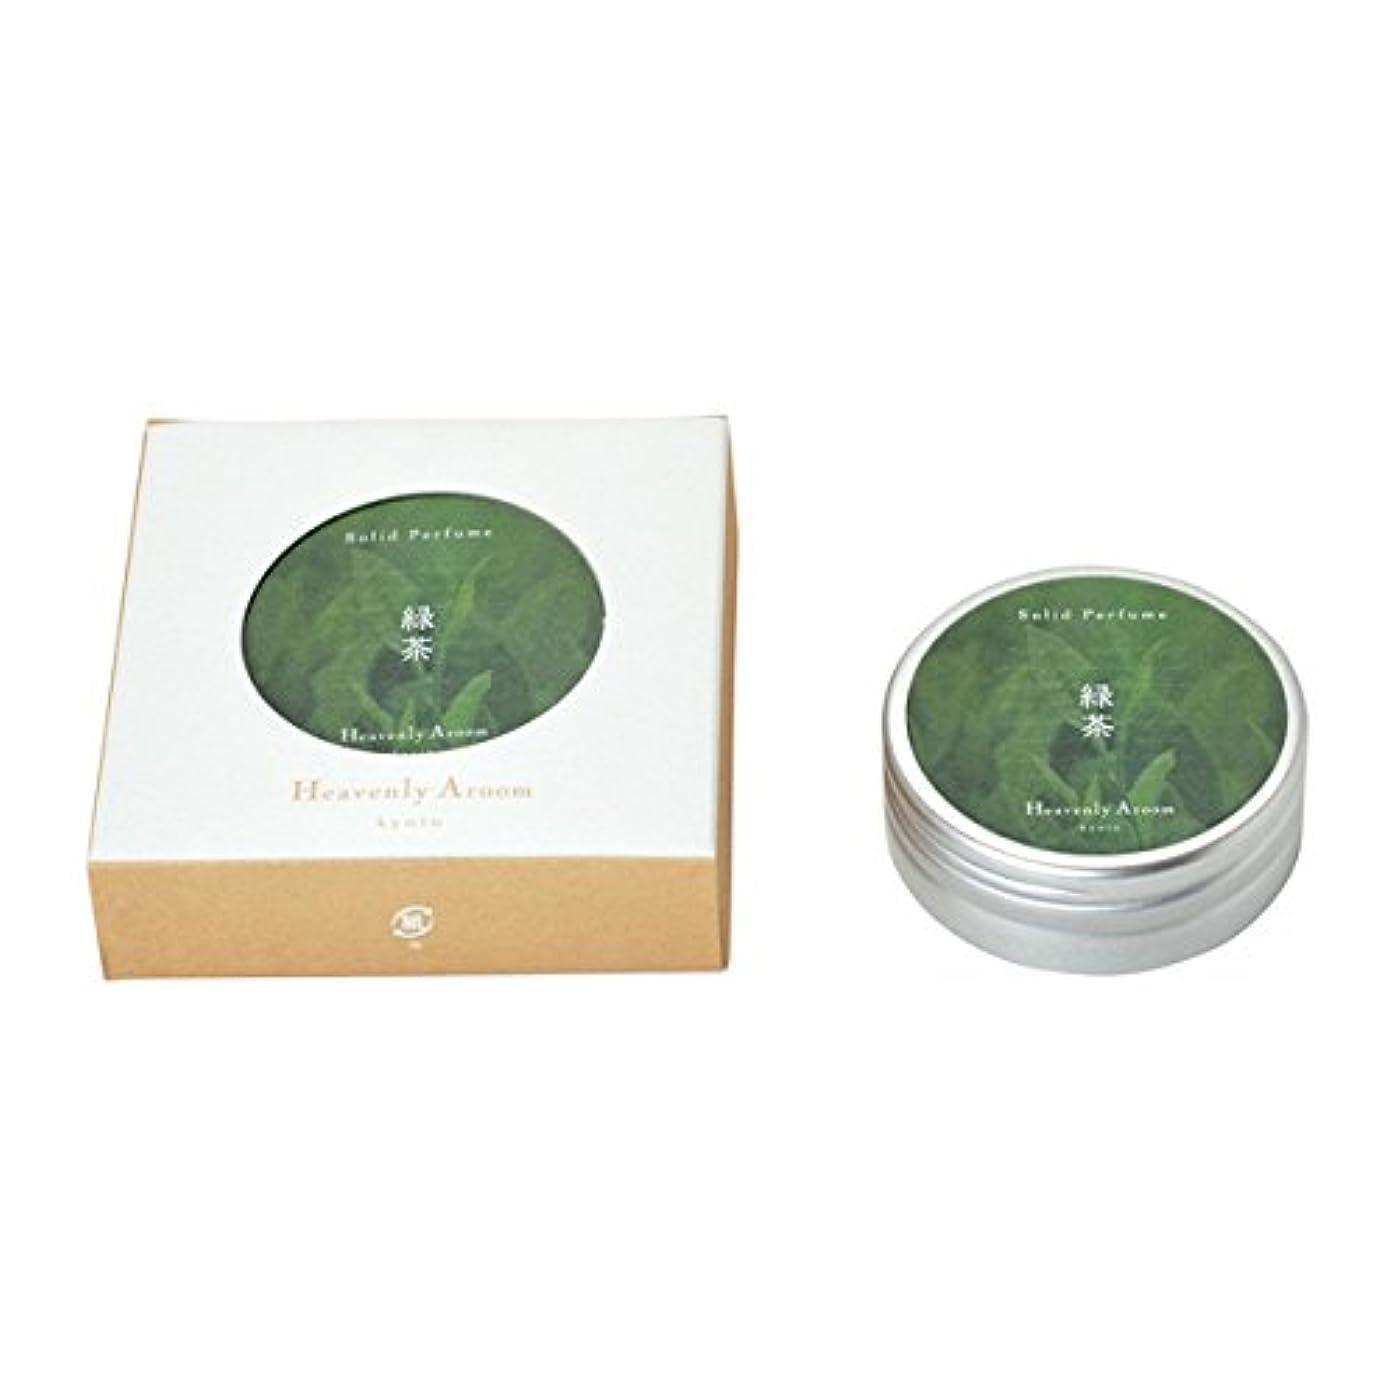 複雑な農村申し立てられたHeavenly Aroom ソリッドパフューム 緑茶 15g